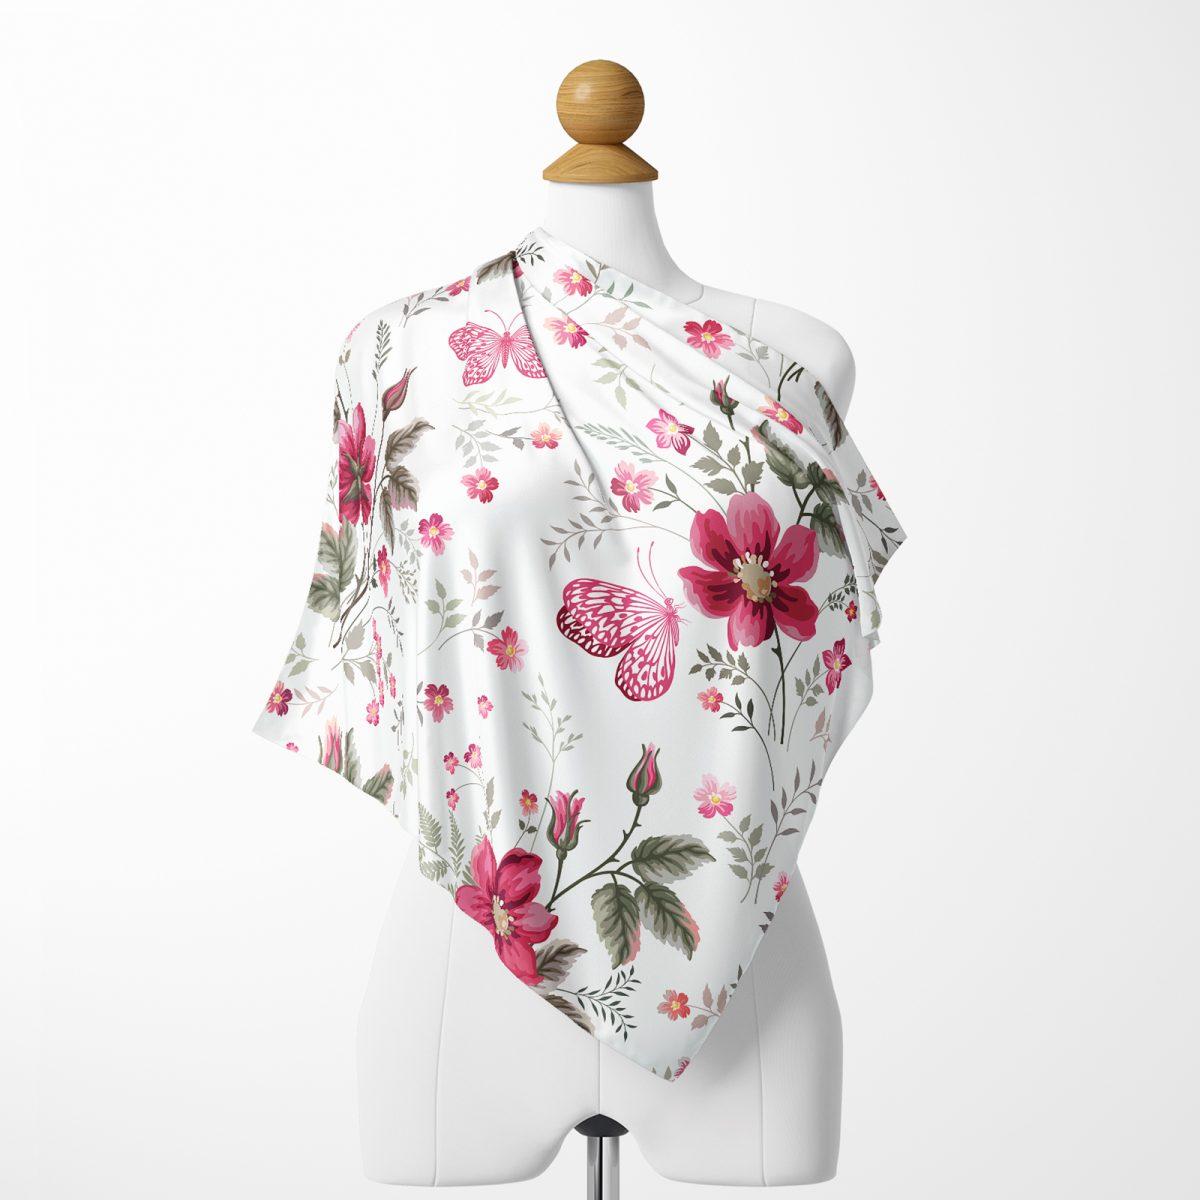 Realhomes Beyaz Zeminde Pembe Çiçekler Dijital Baskılı Modern İpeksi Twill Eşarp Realhomes